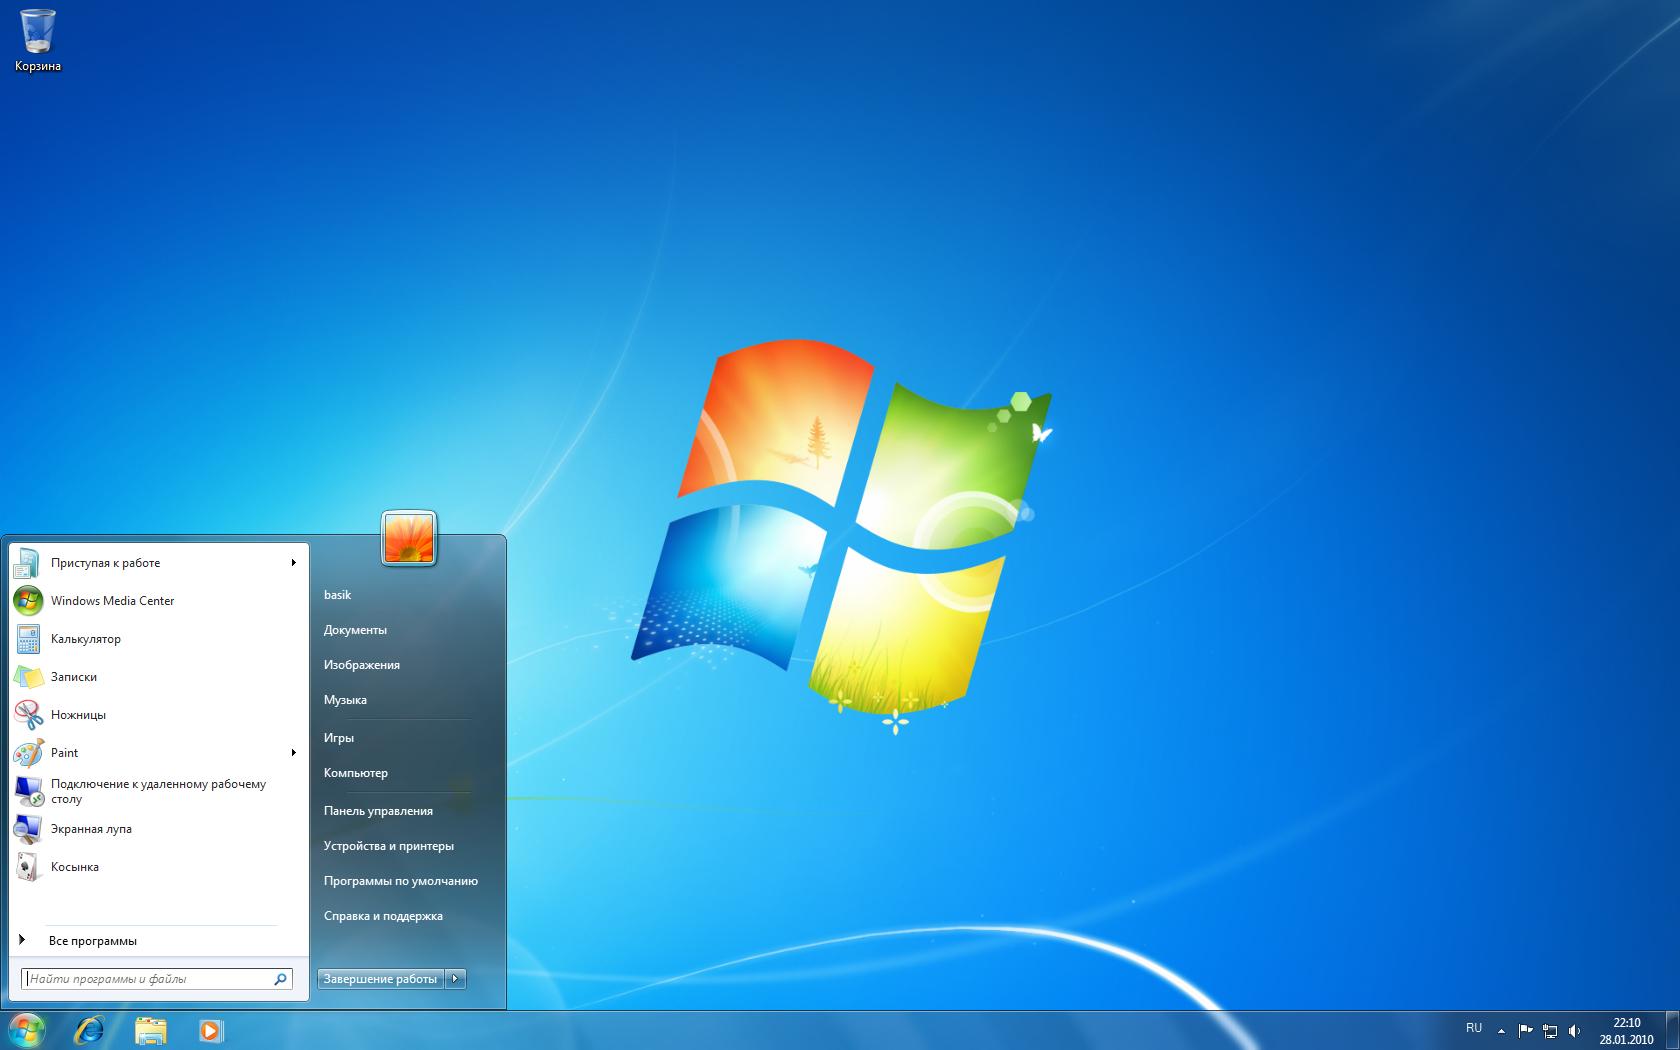 Рабочий стол с операционной системой Windows 7